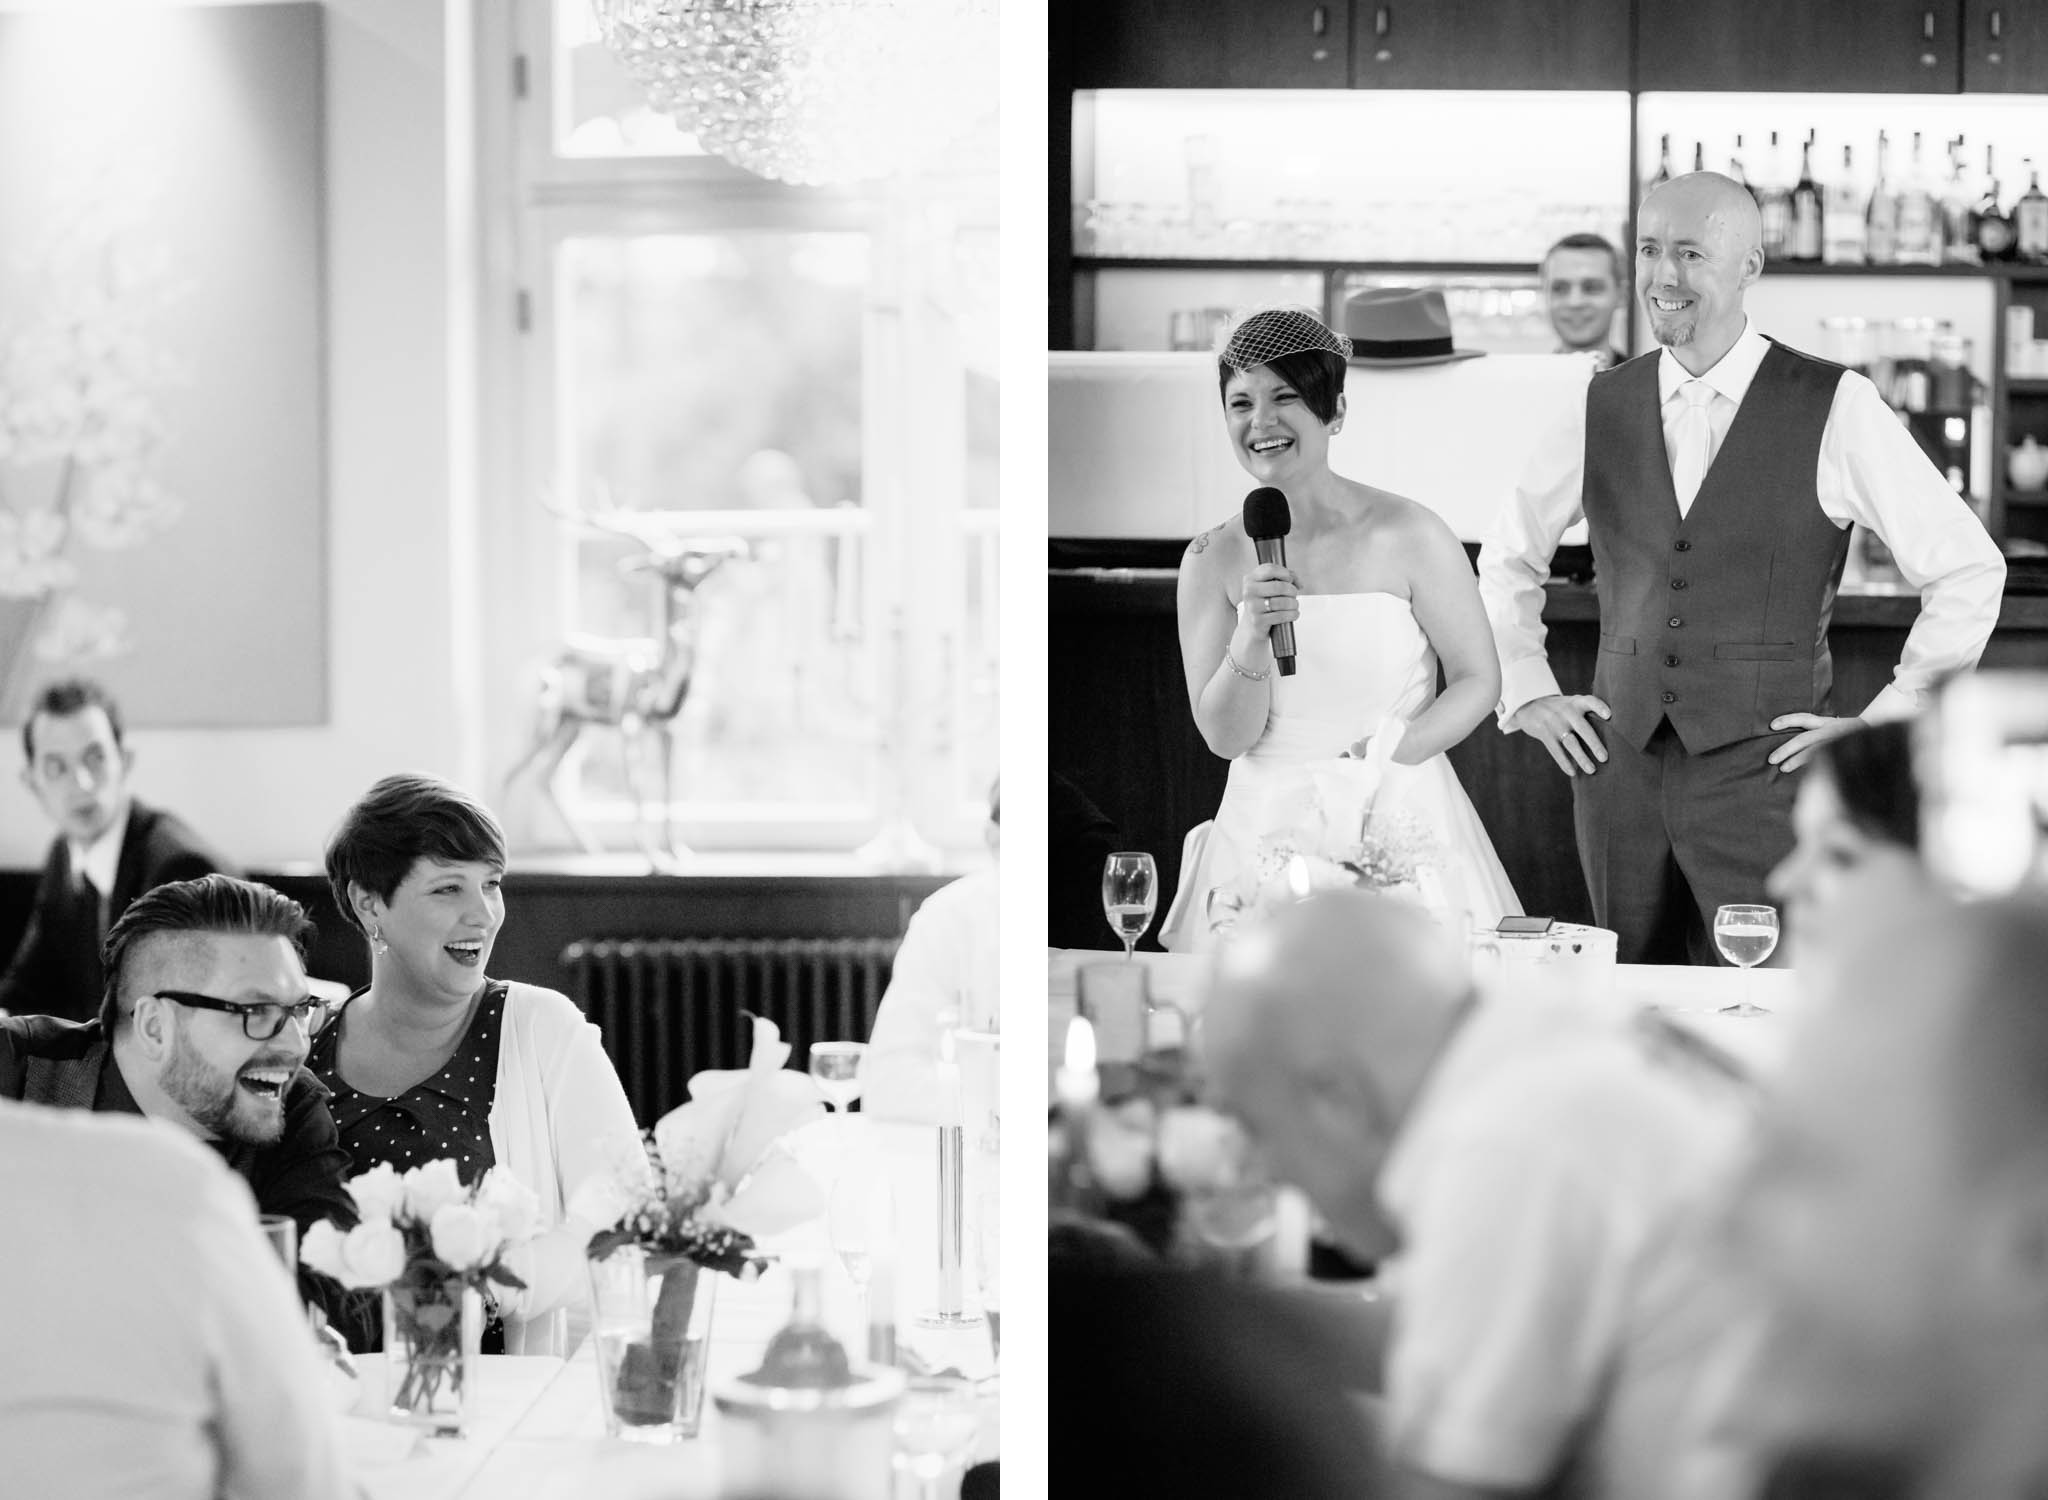 hochzeitsfeier-berlin-fotograf-schlosscafe